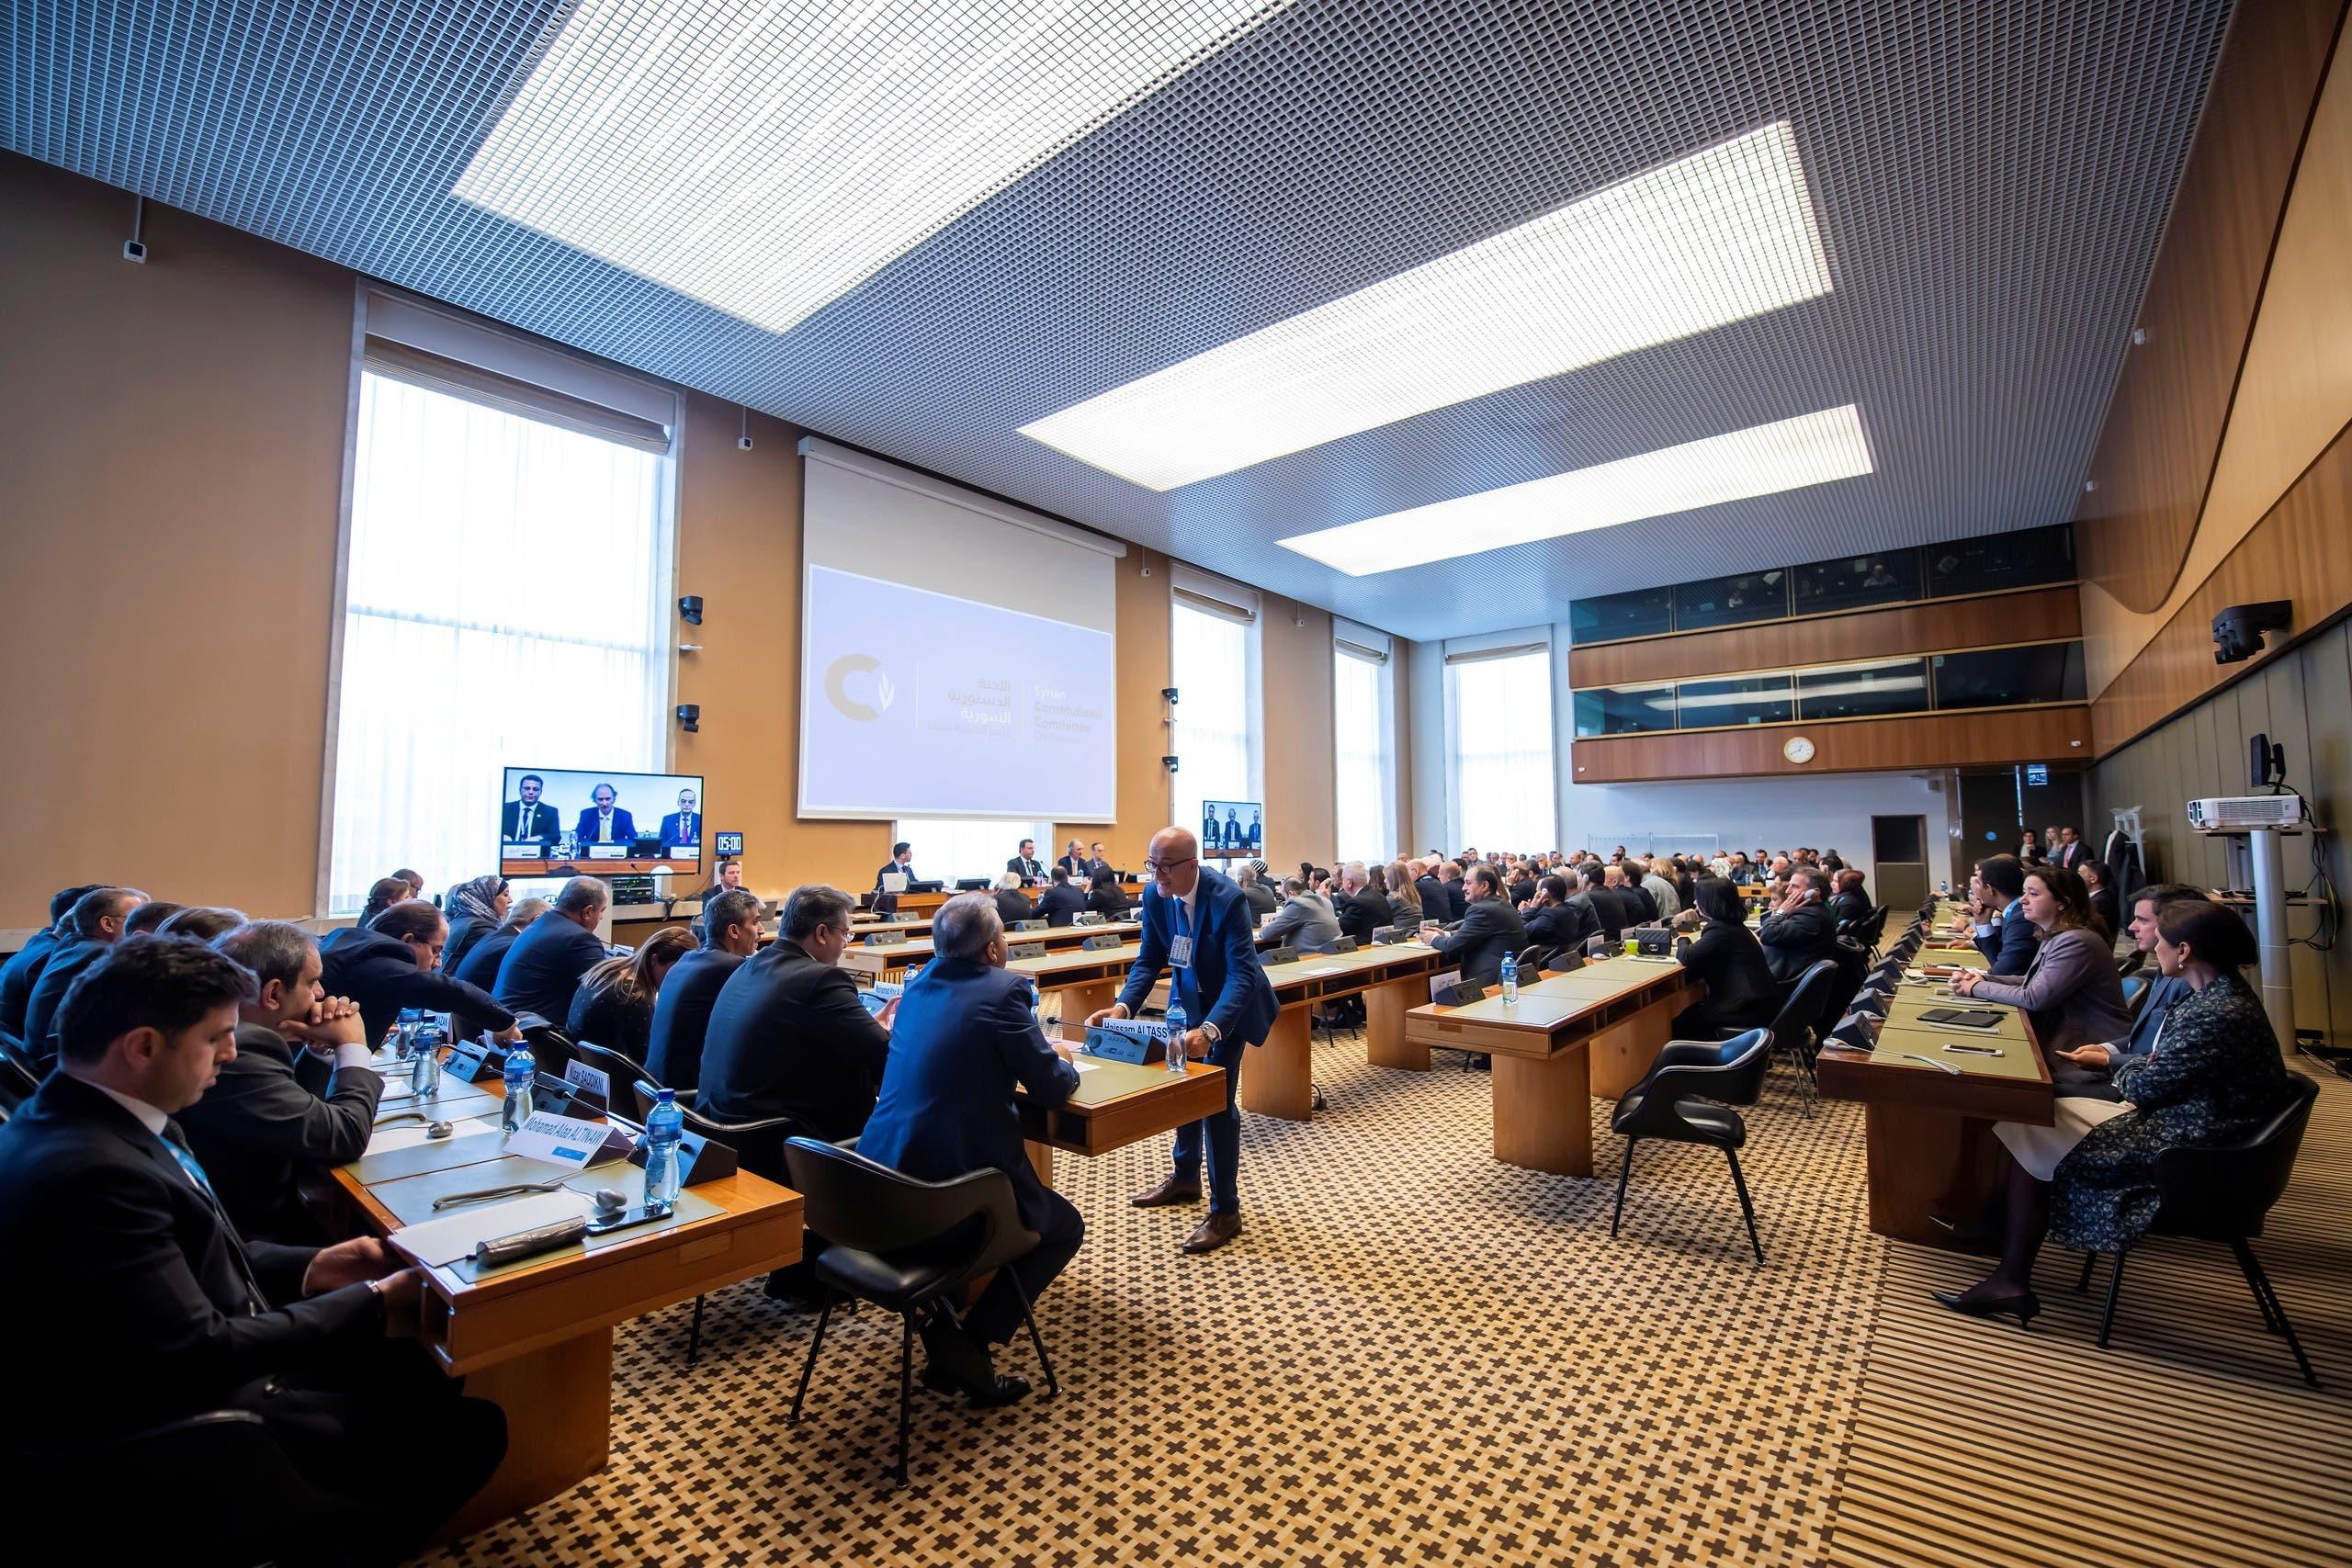 من لقاء سابق للجنة الدستورية السورية في جنيف في اكتوبر 2019 (أرشيفية)